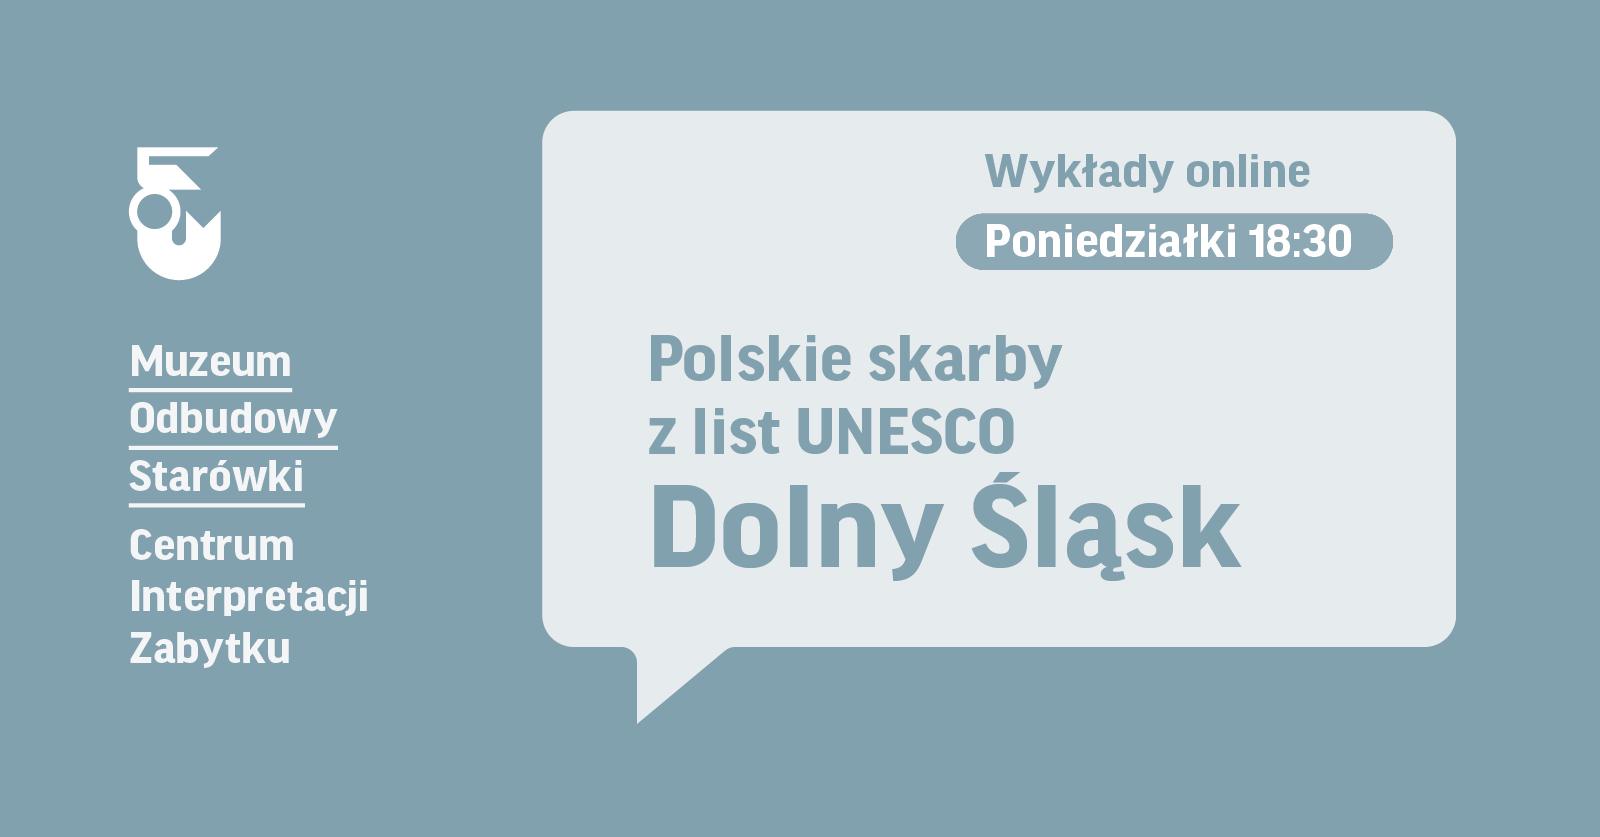 szara grafika z napisem: Polskie skarby z list UNESCO Dolny Śląsk